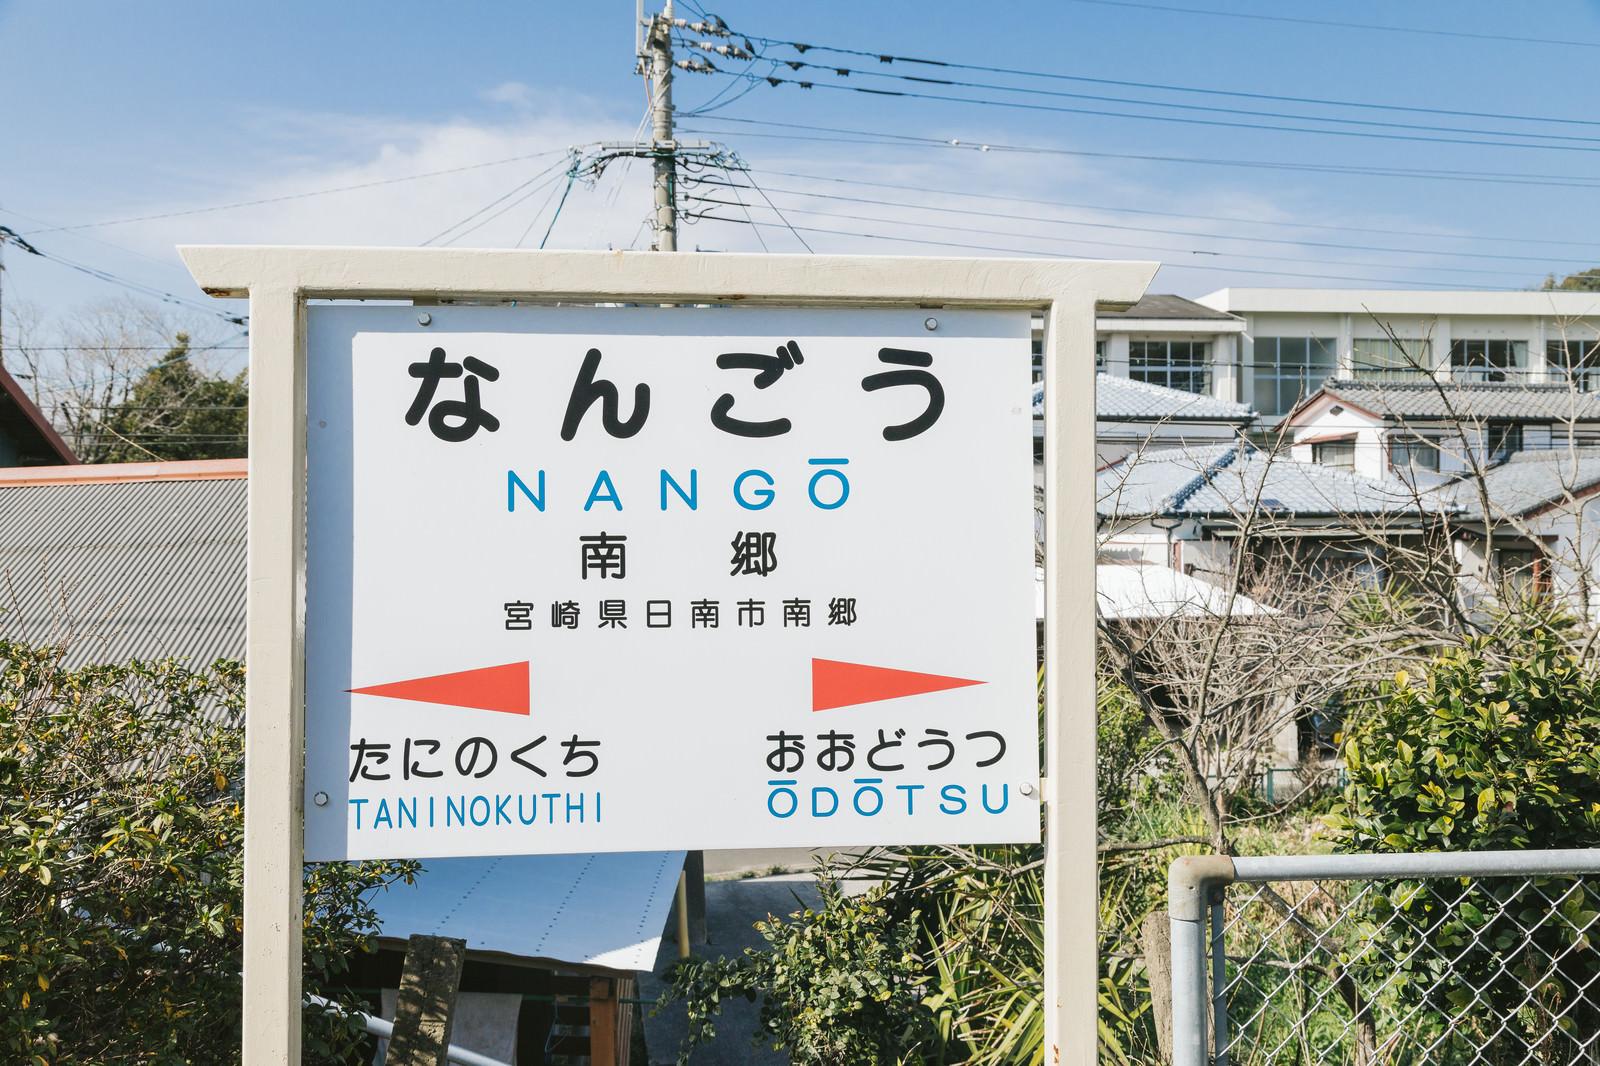 「なんごう駅(宮崎県日南市南郷)」の写真